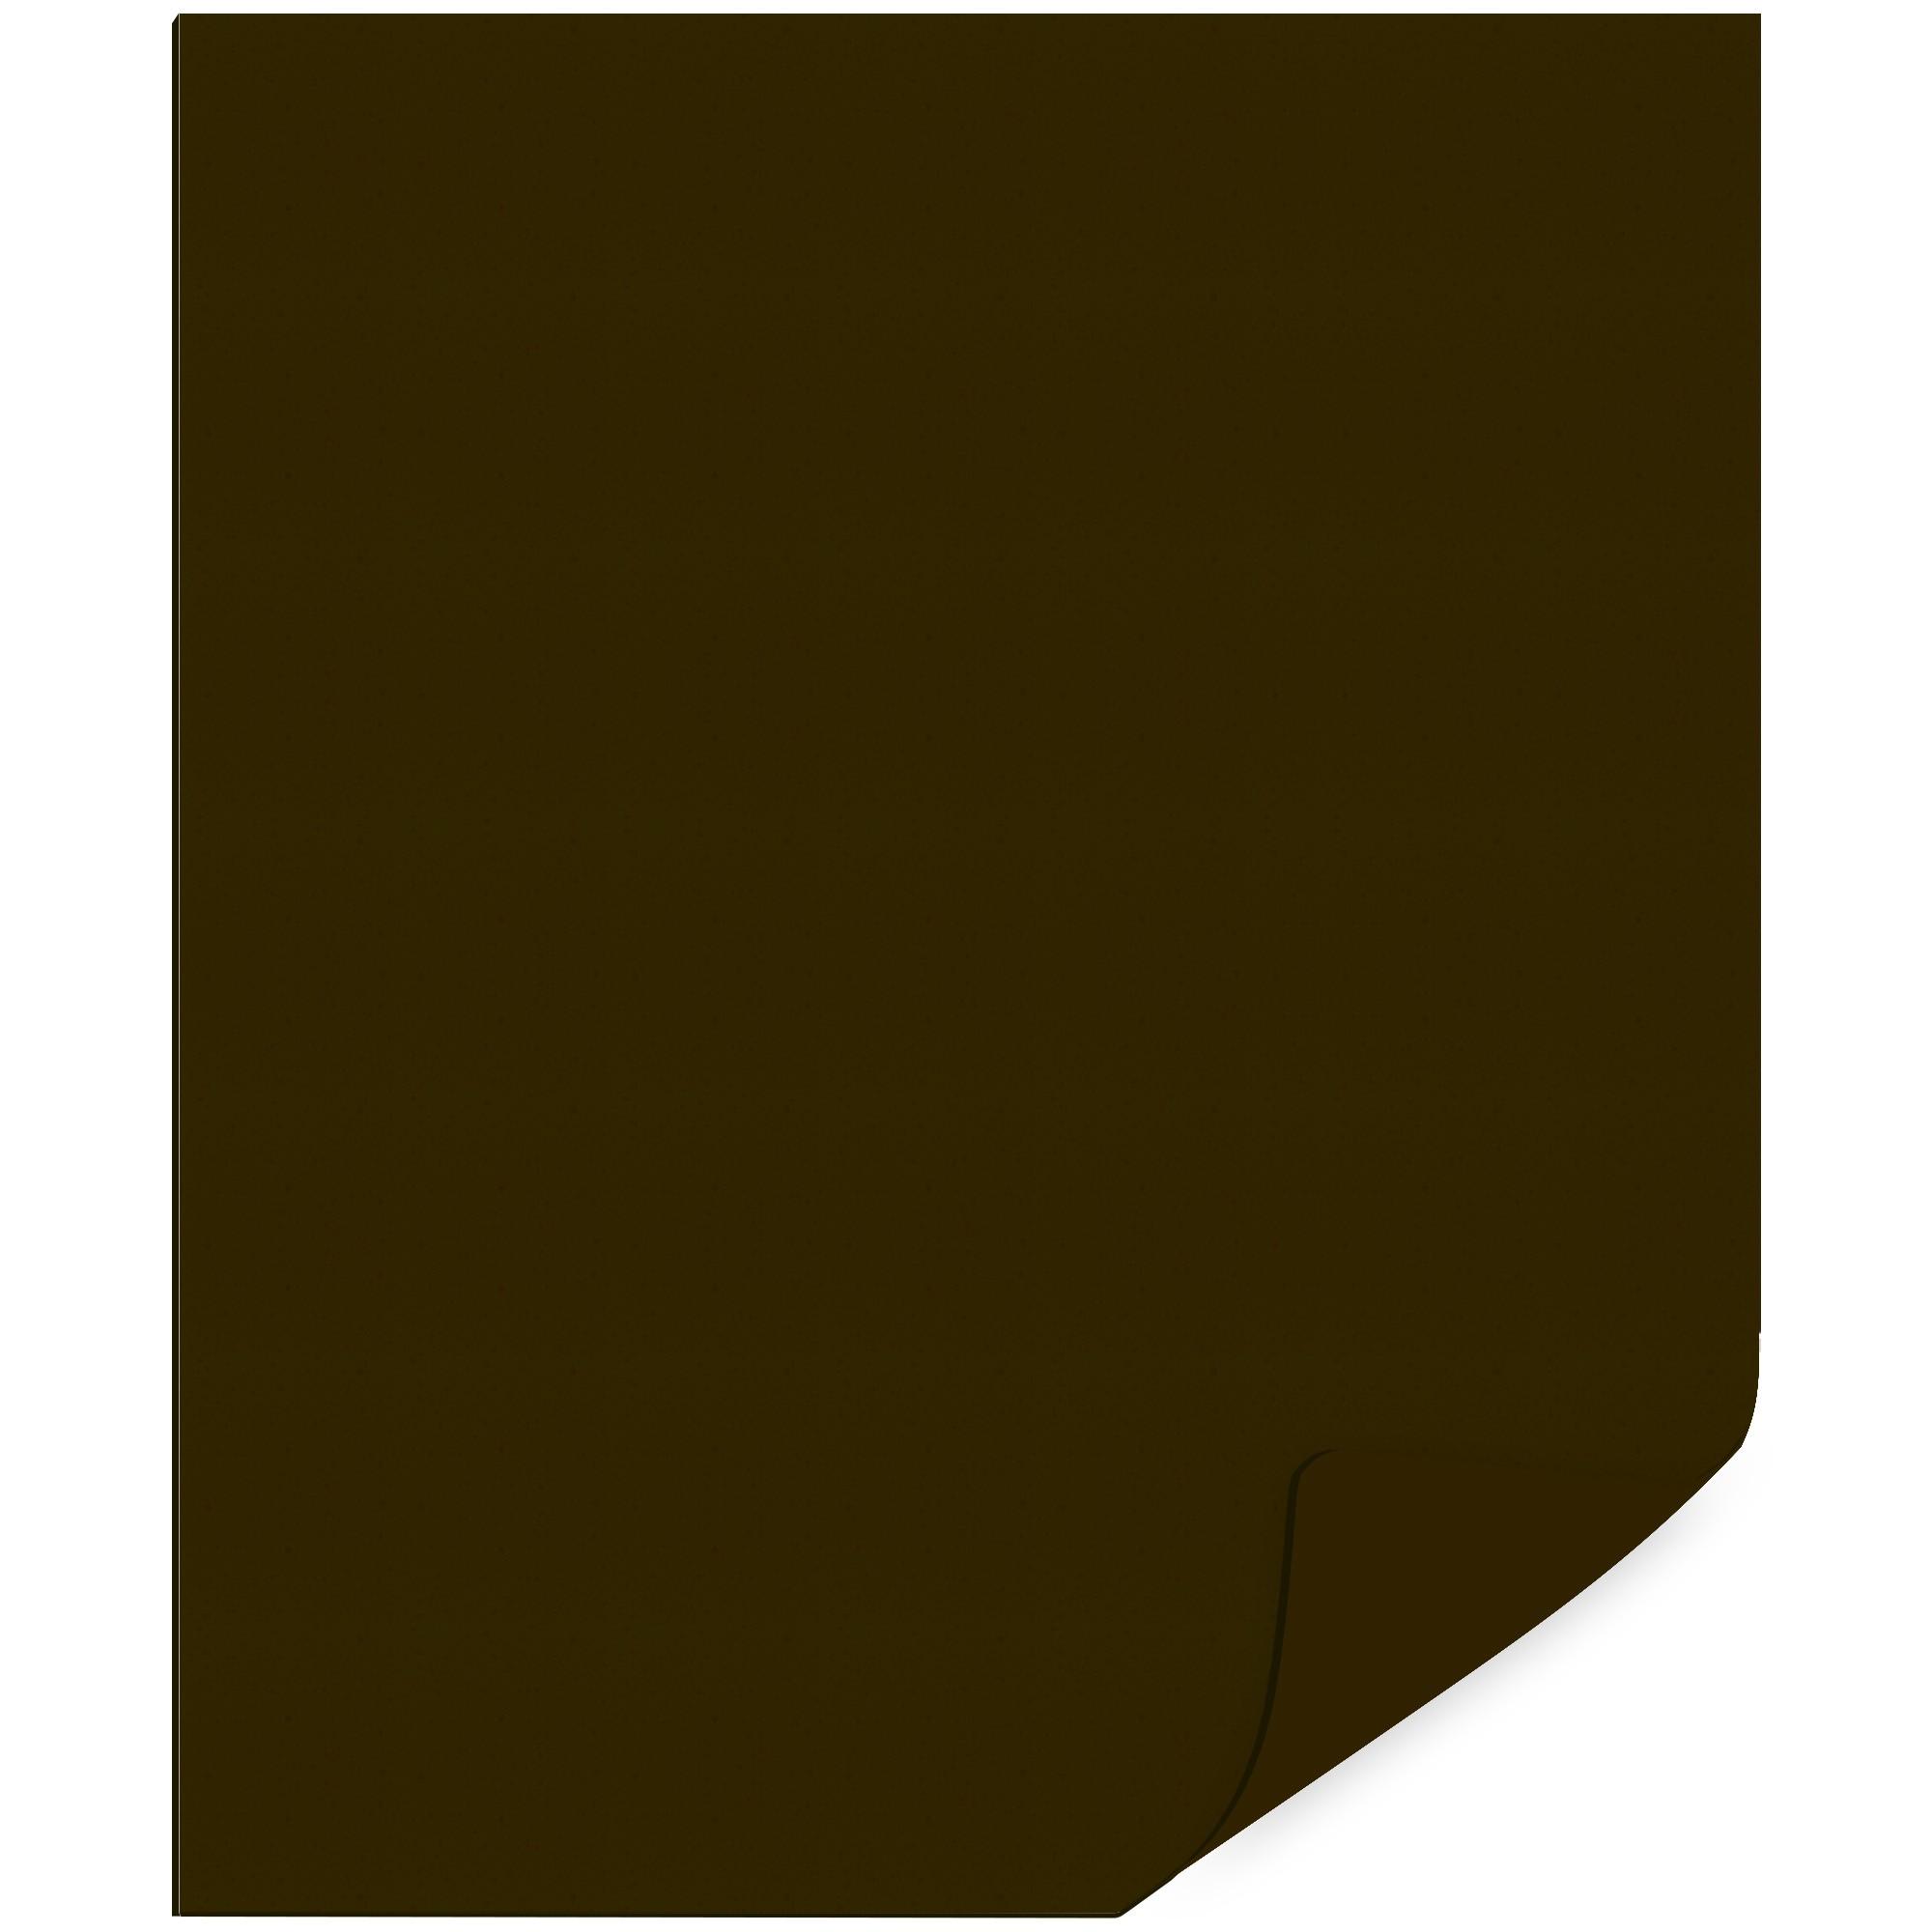 Placa em EVA 60X40CM Cor Marrom Bandeira 1,8MM.  011 - Dubflex